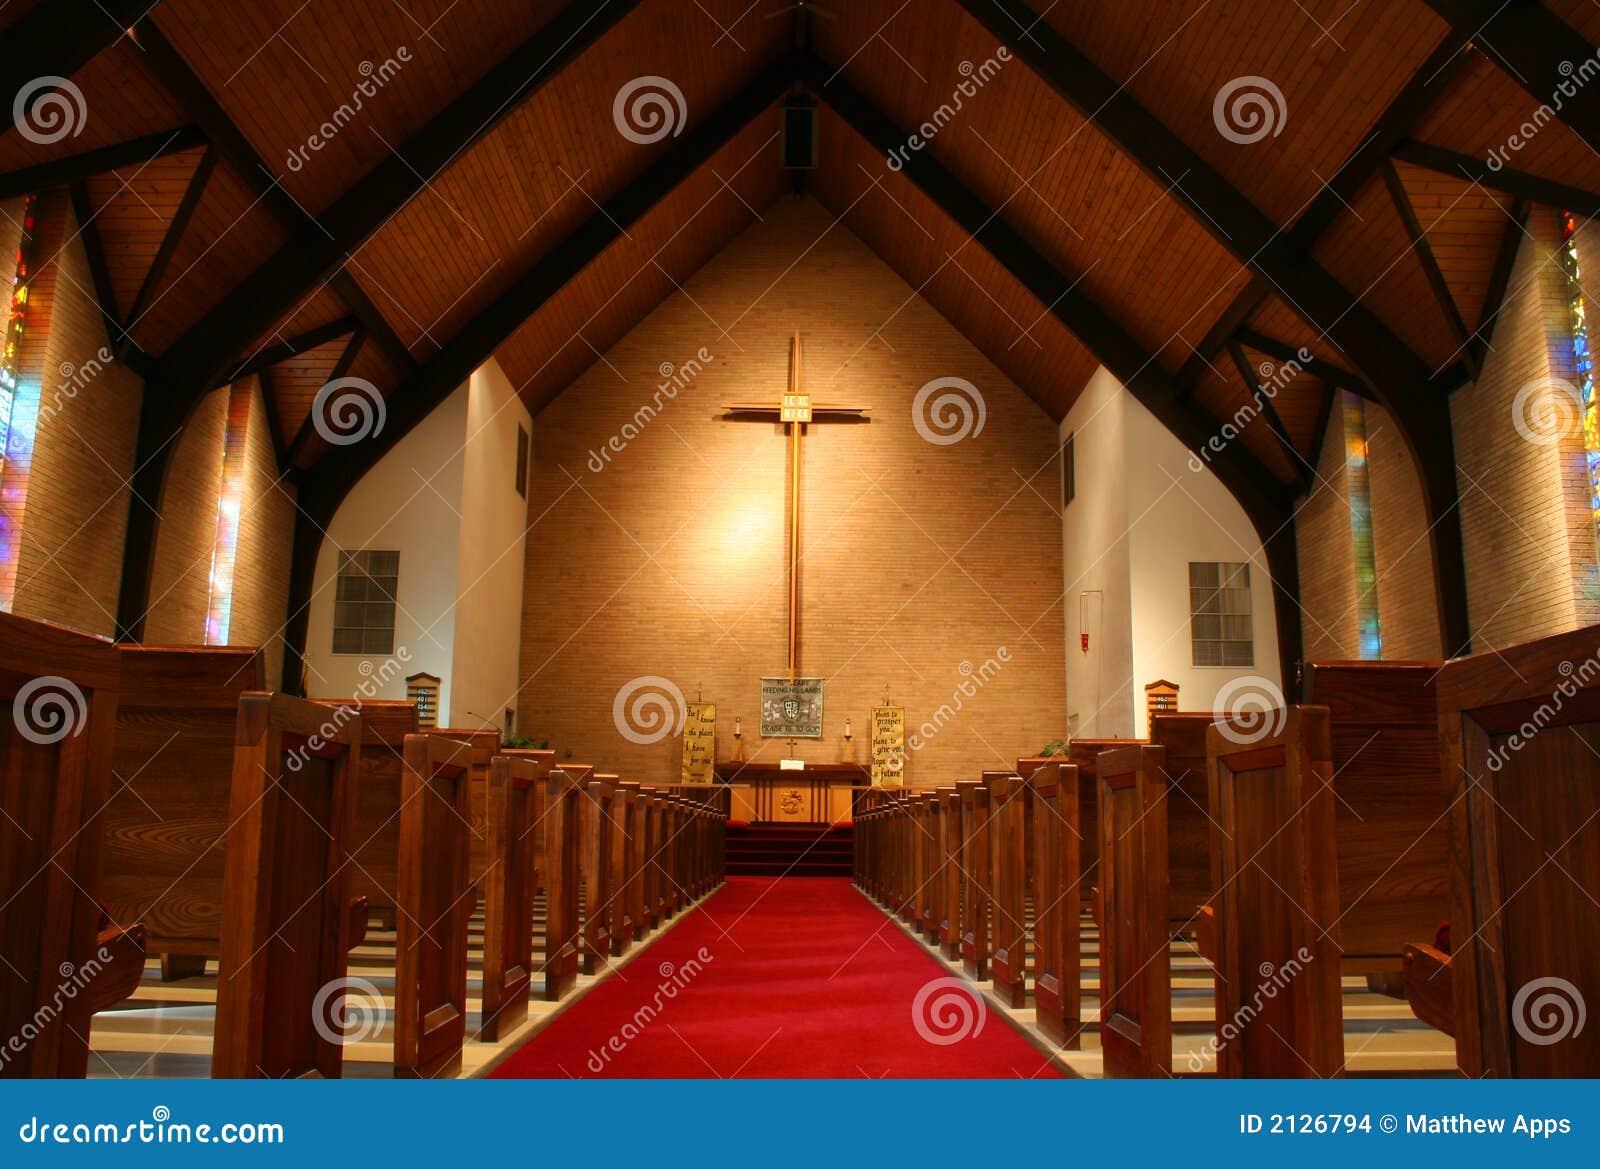 All 39 Interno Di Una Chiesa Immagini Stock Immagine 2126794